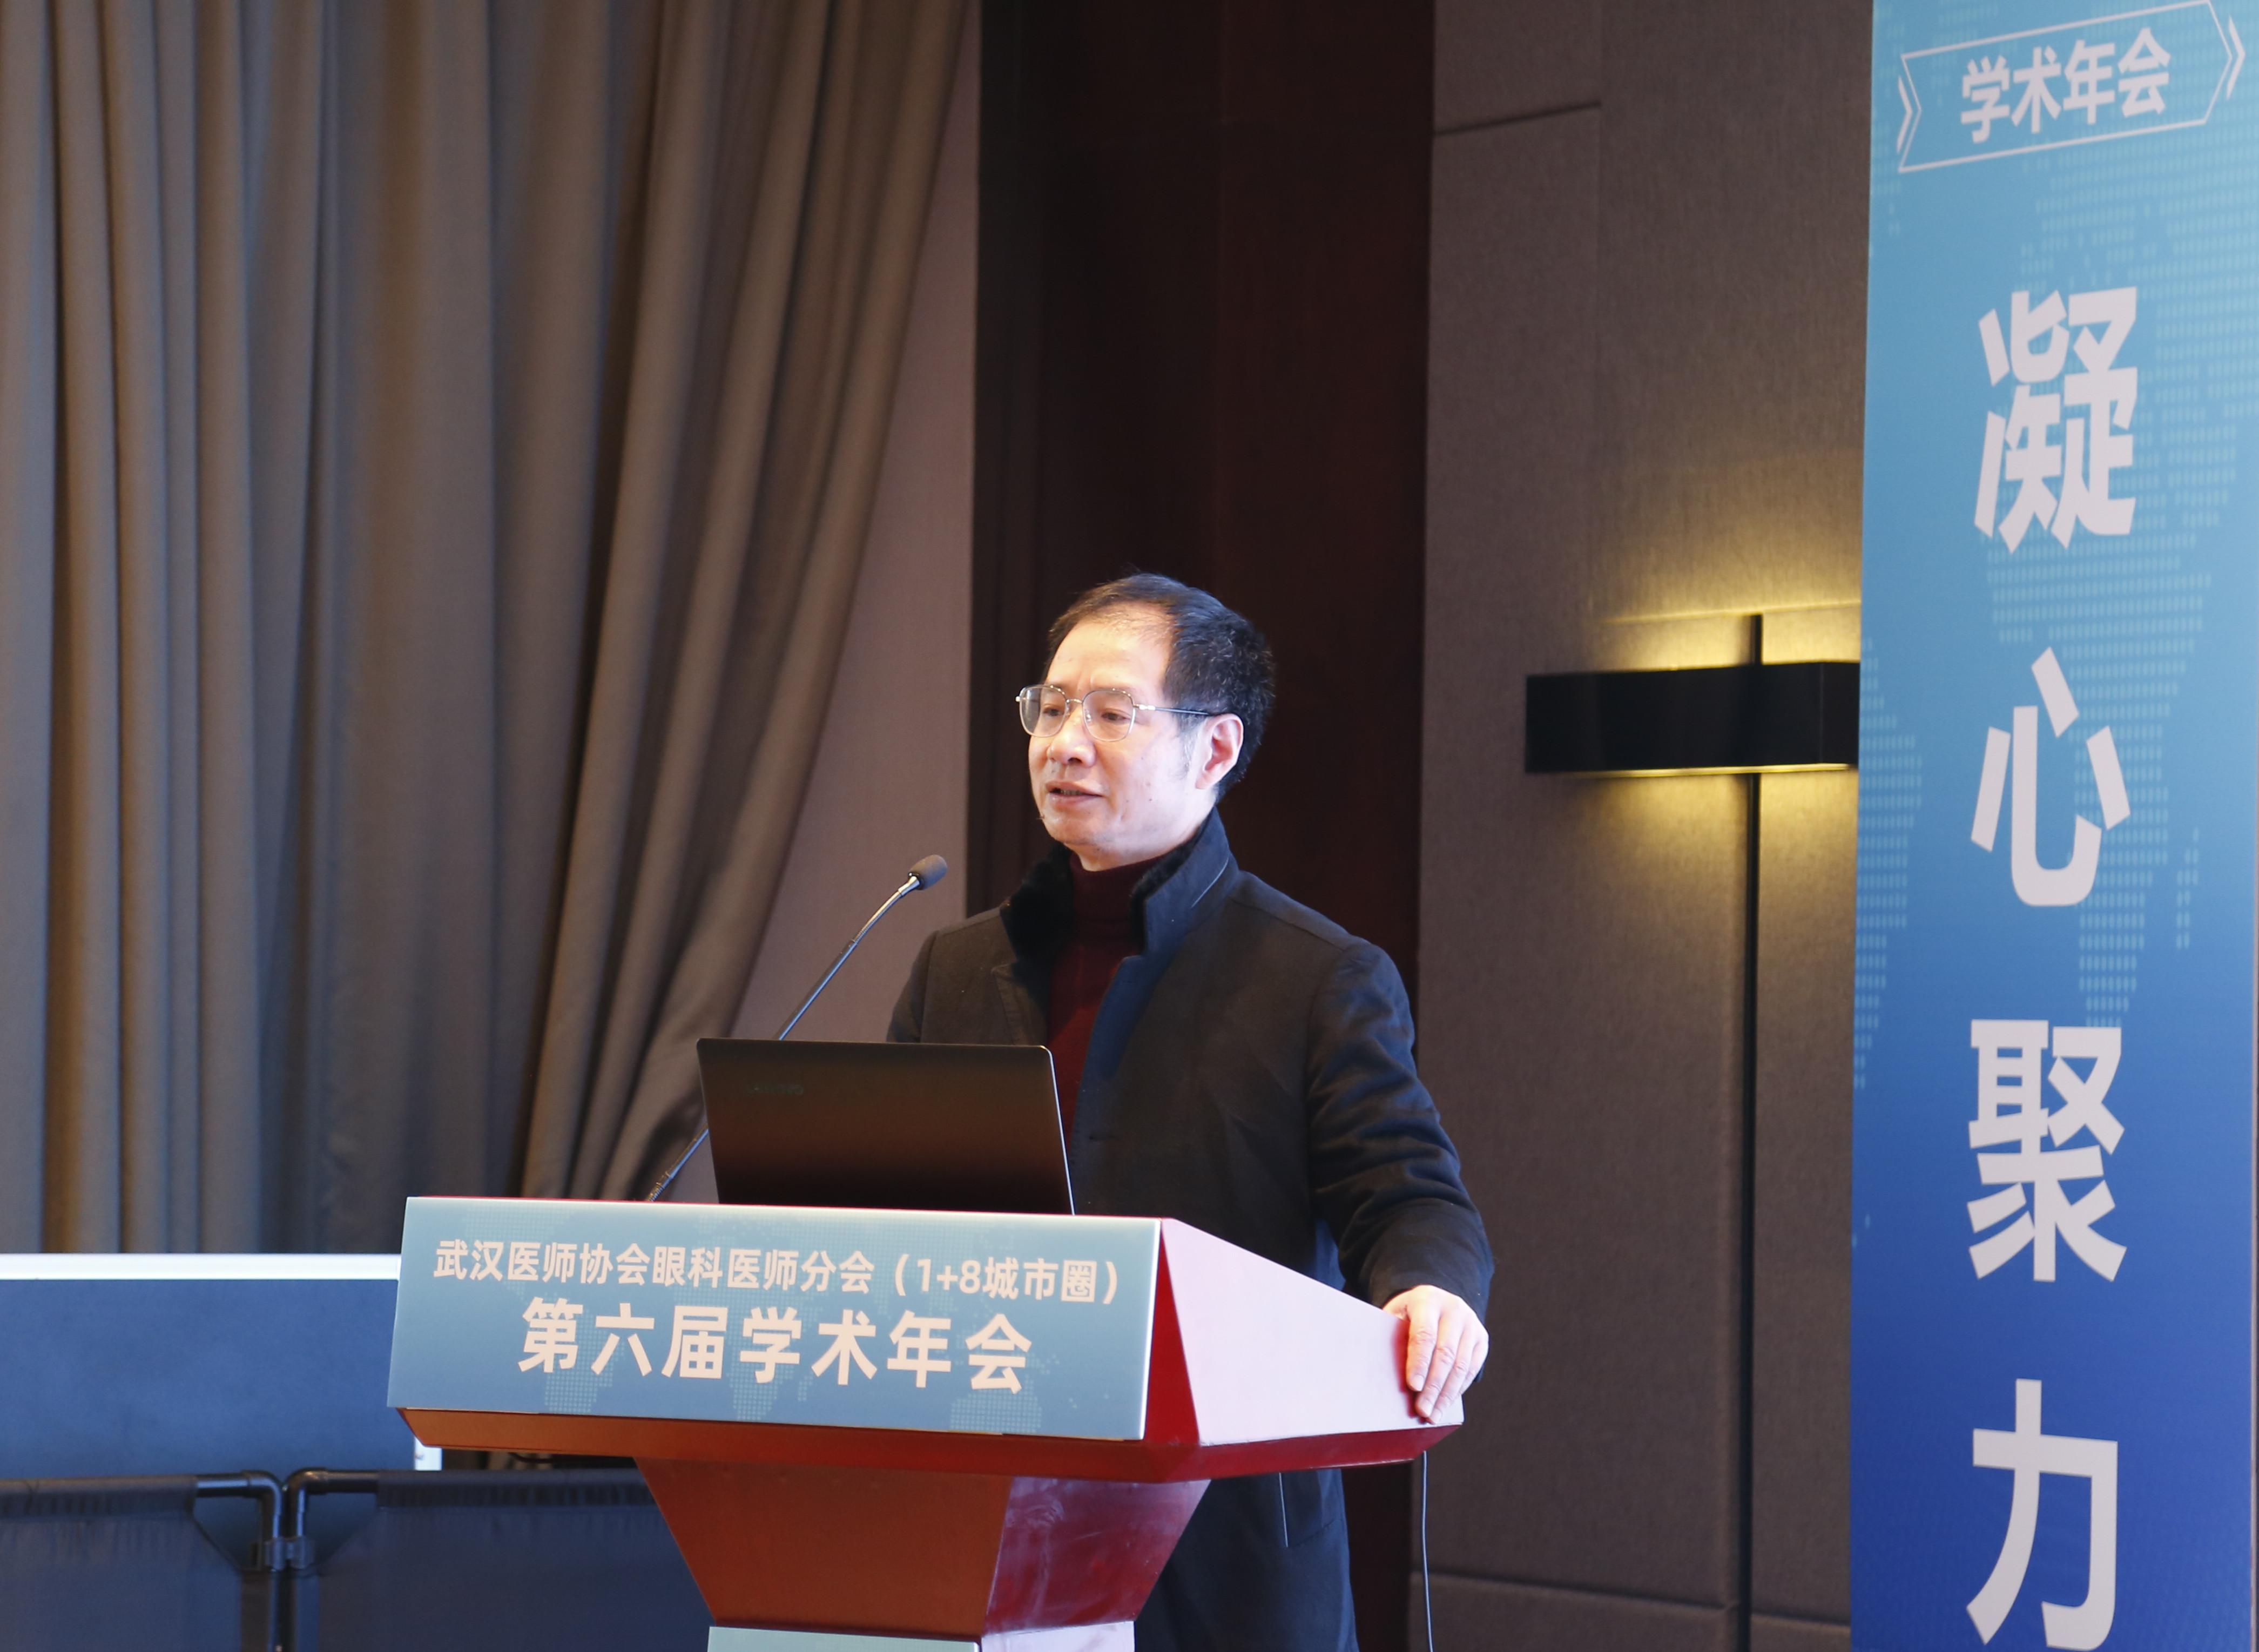 武汉医师协会眼科医师分会(1+8 城市圈)第六届学术年会成功召开